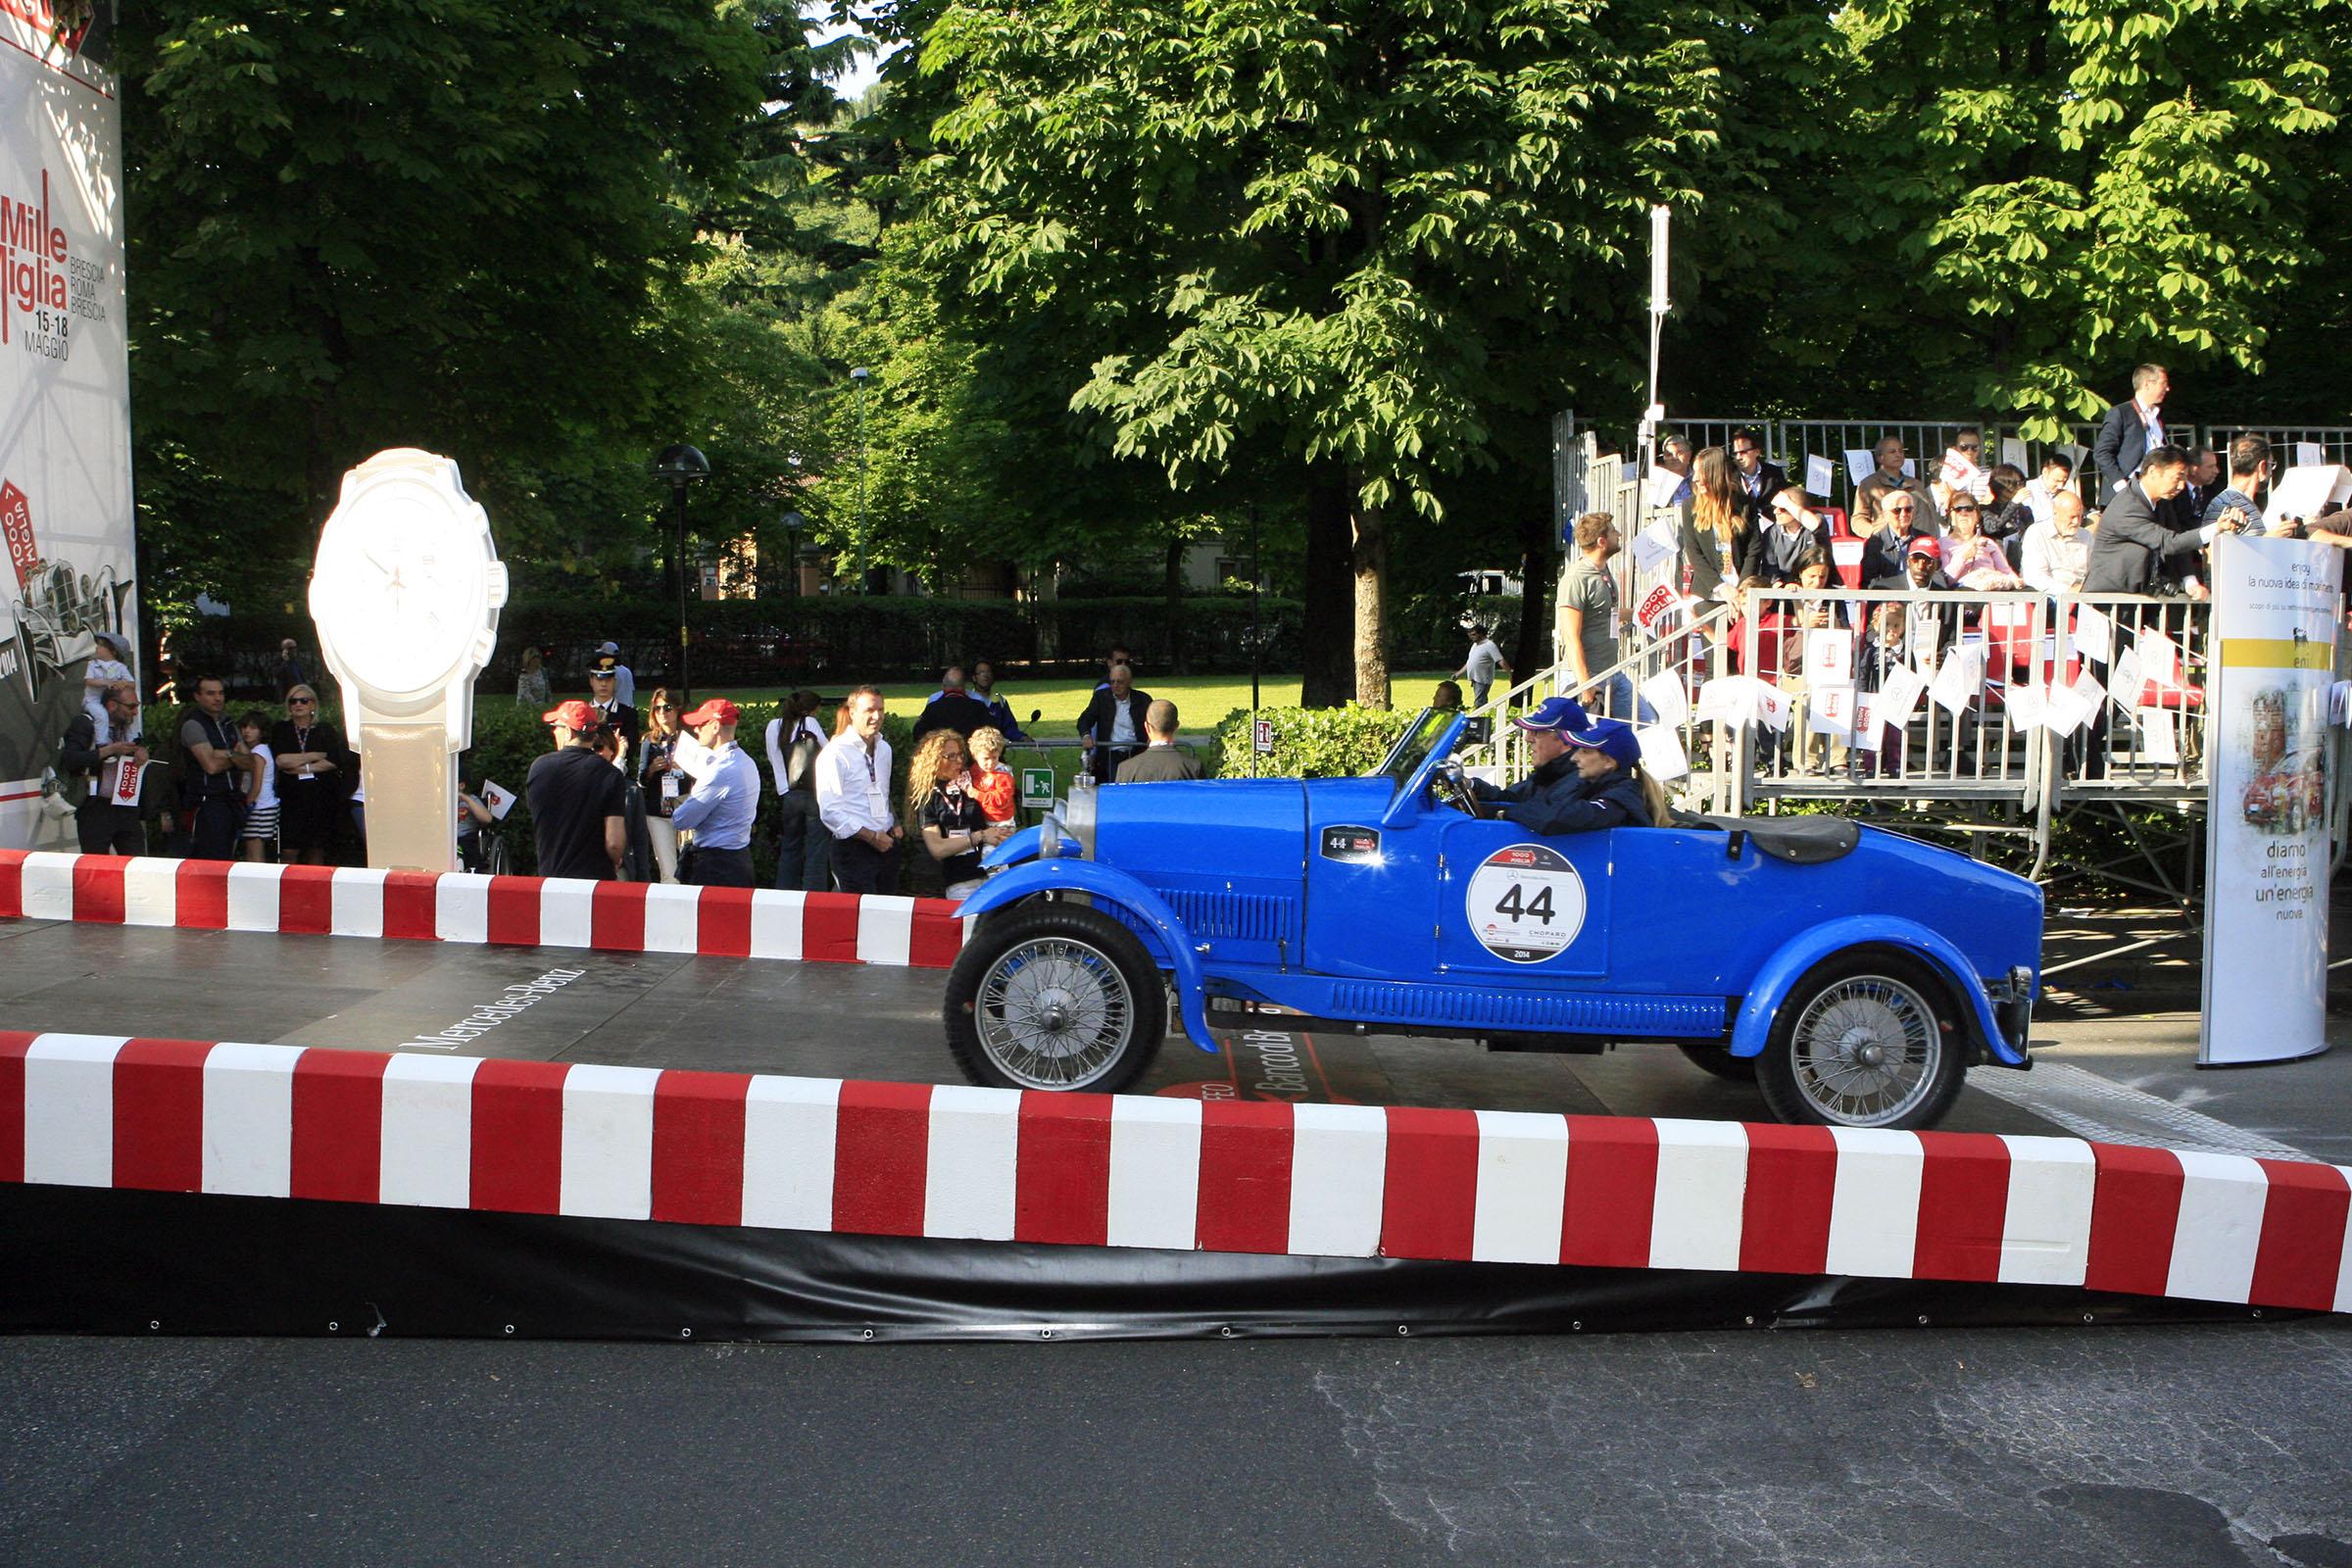 44 SALVIATO Ezio Martino I MOGLIA Maria Caterina I Bugatti T 40 1927